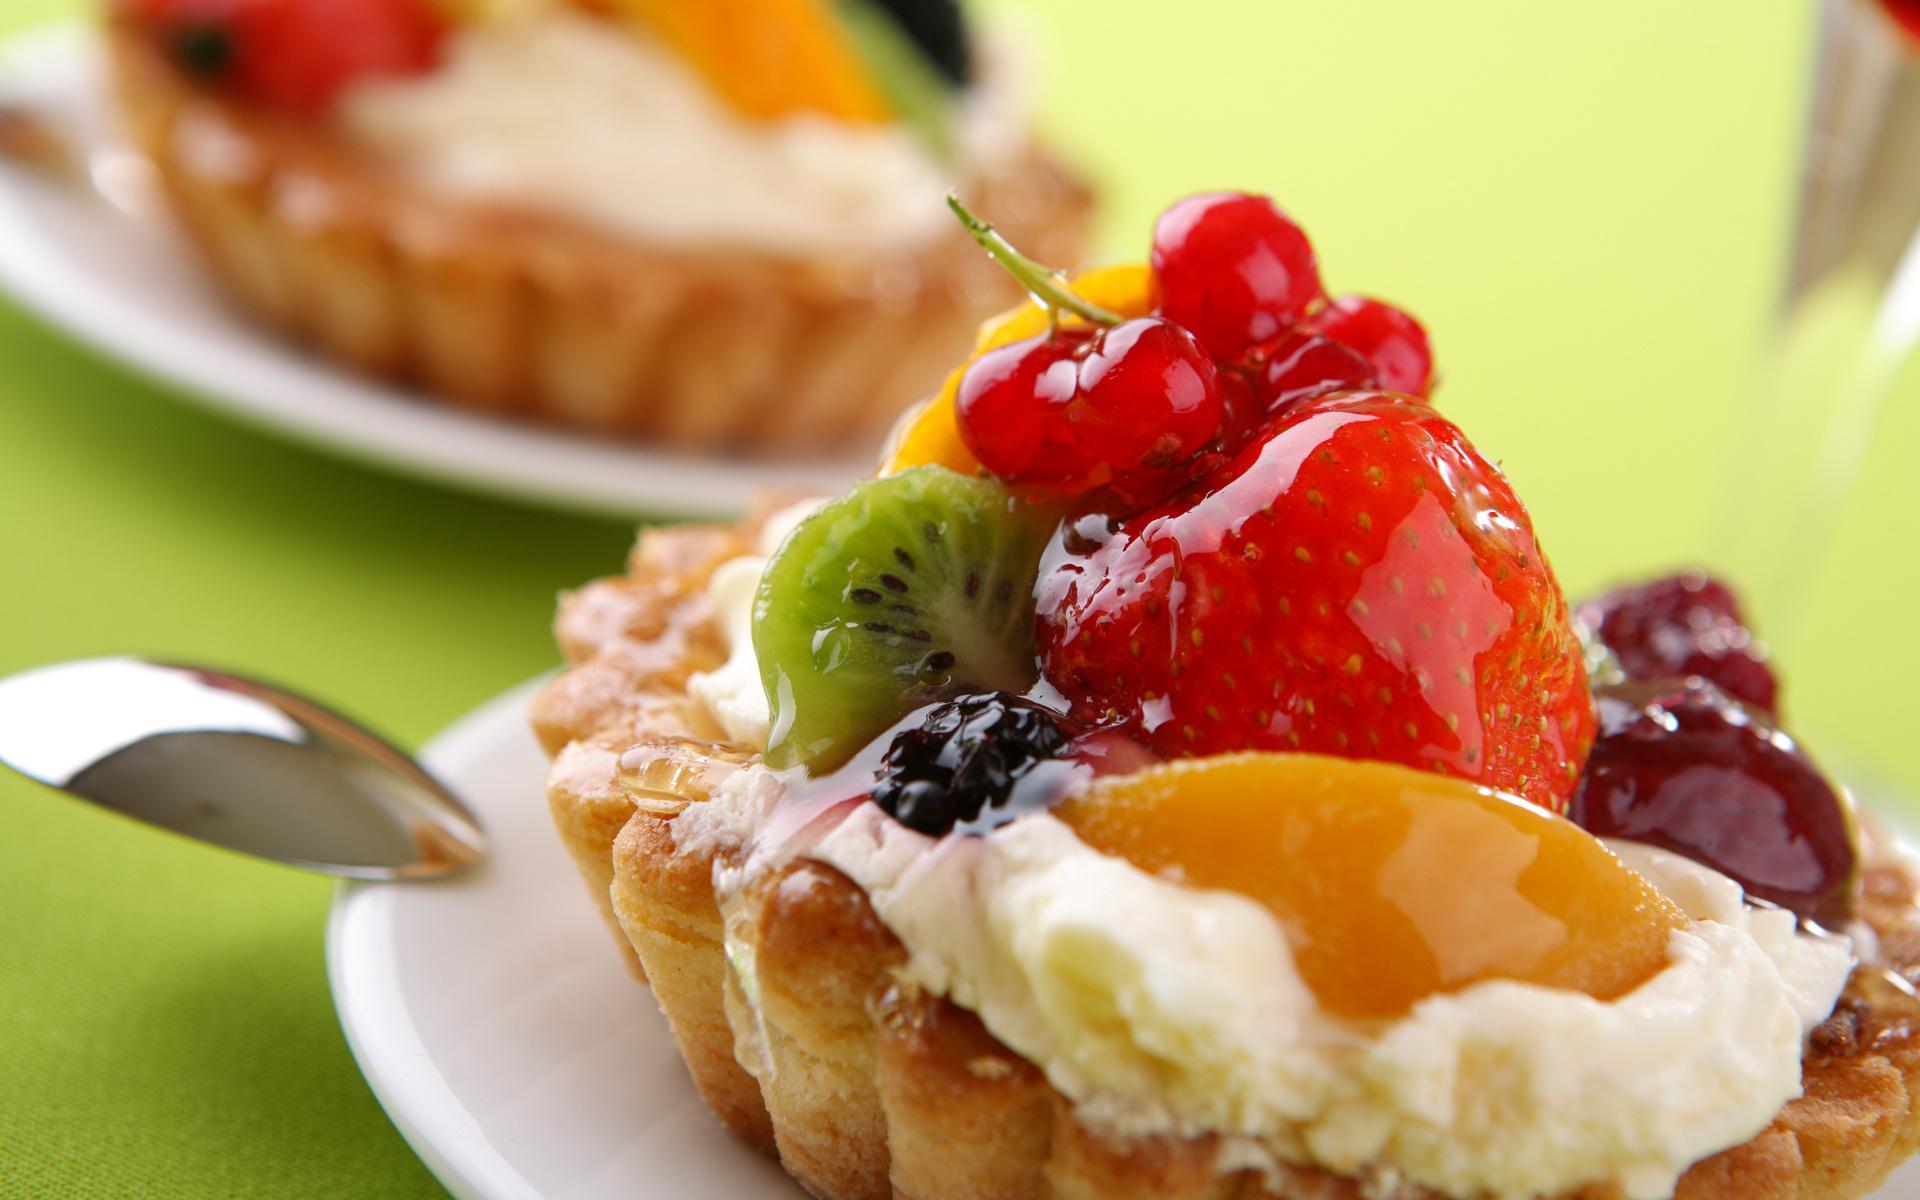 картинки пирожных с фруктами отпечатывается